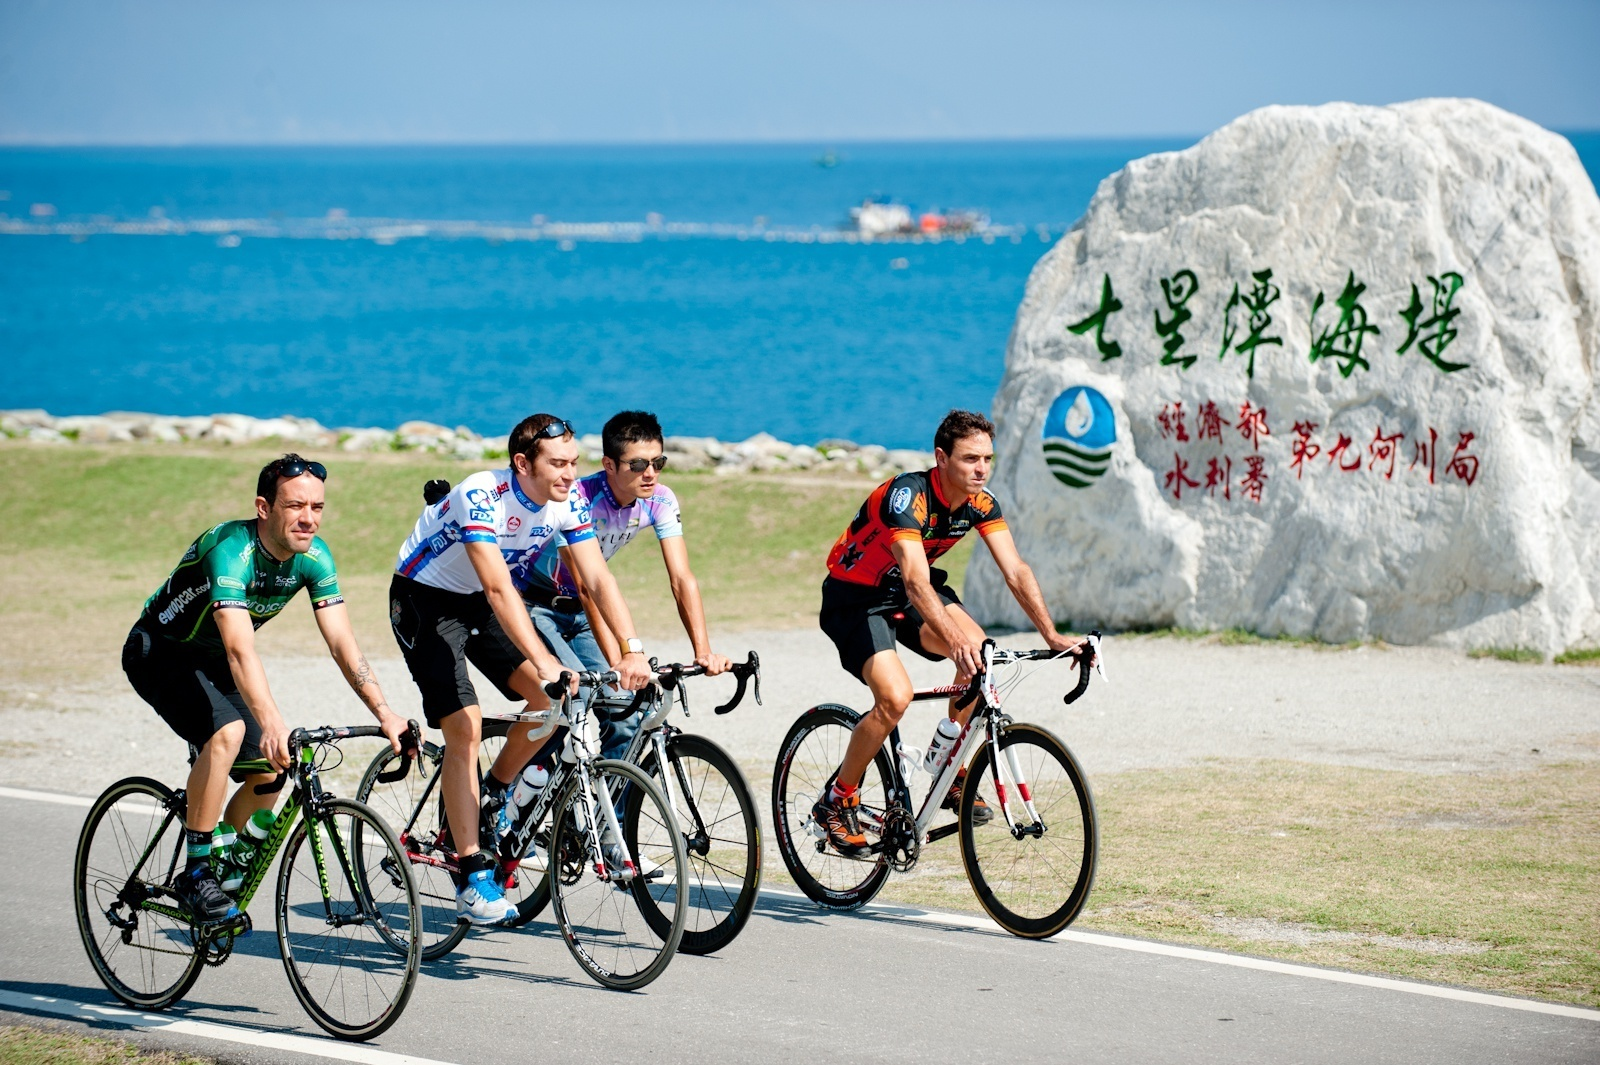 台湾サイクリングフェスティバル (4)